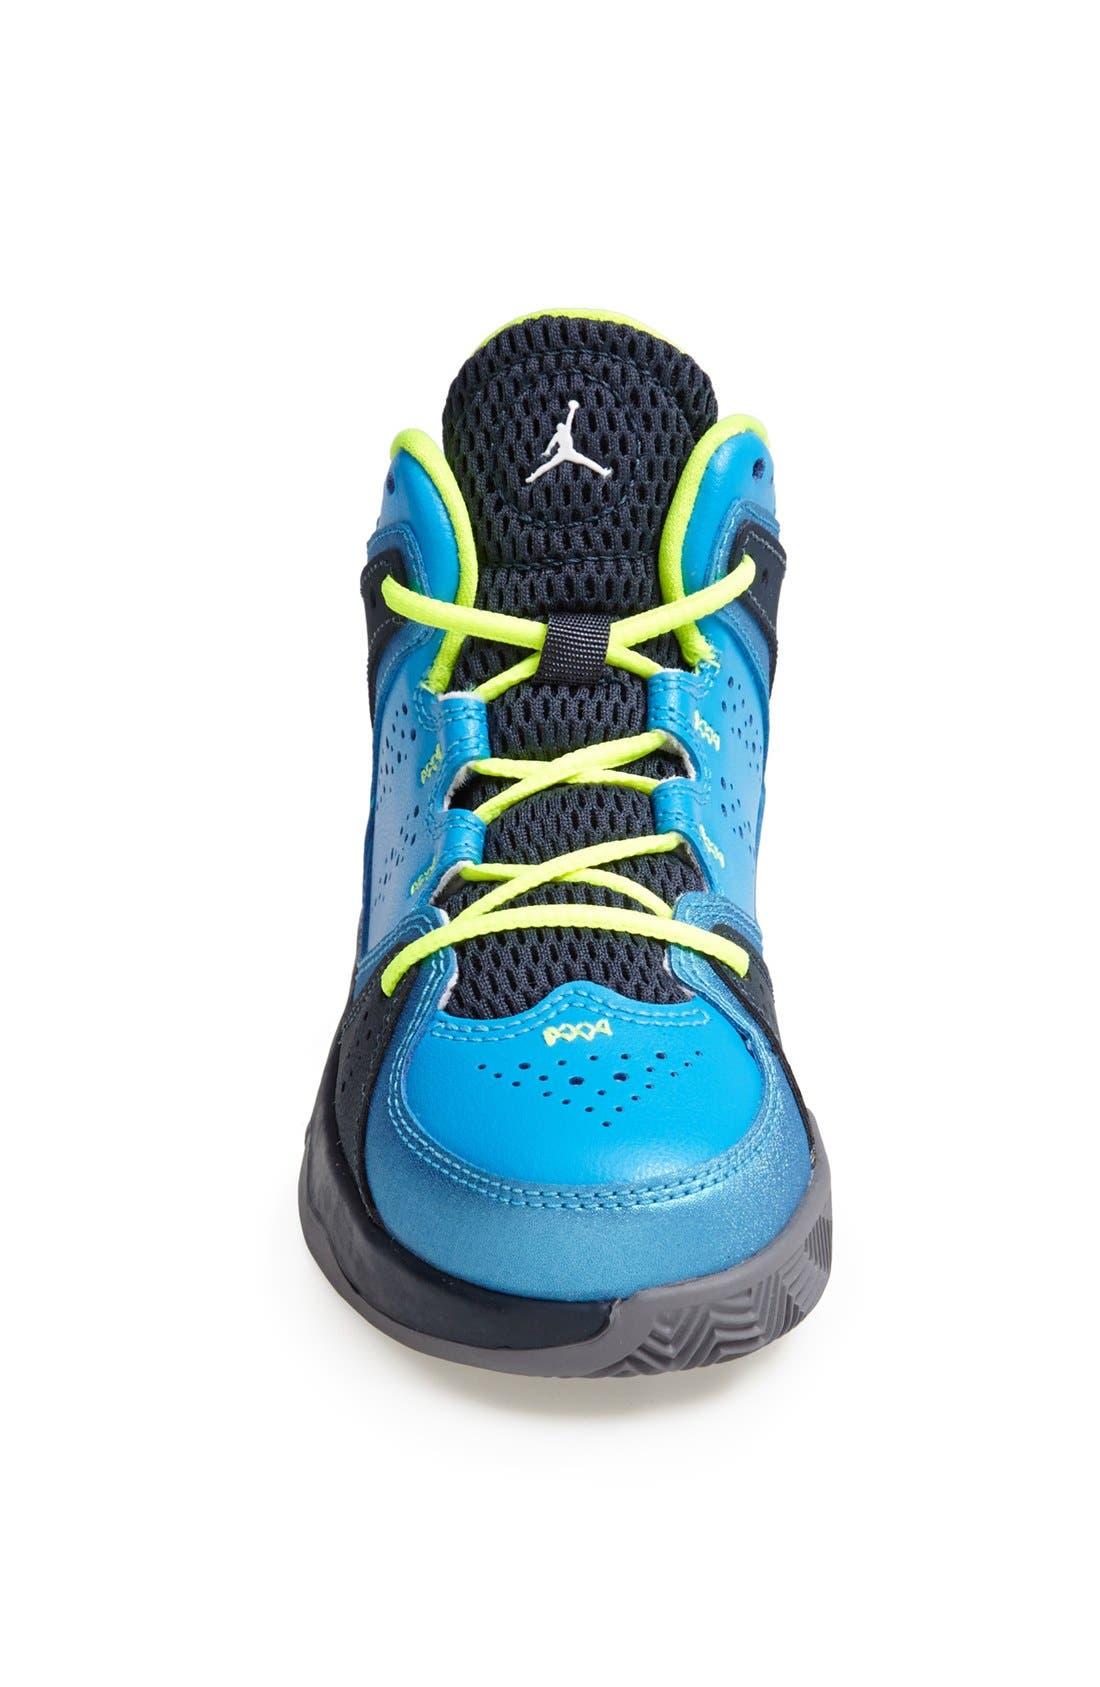 Alternate Image 3  - Nike 'Jordan Phase 23 2' Sneaker (Toddler & Little Kid)